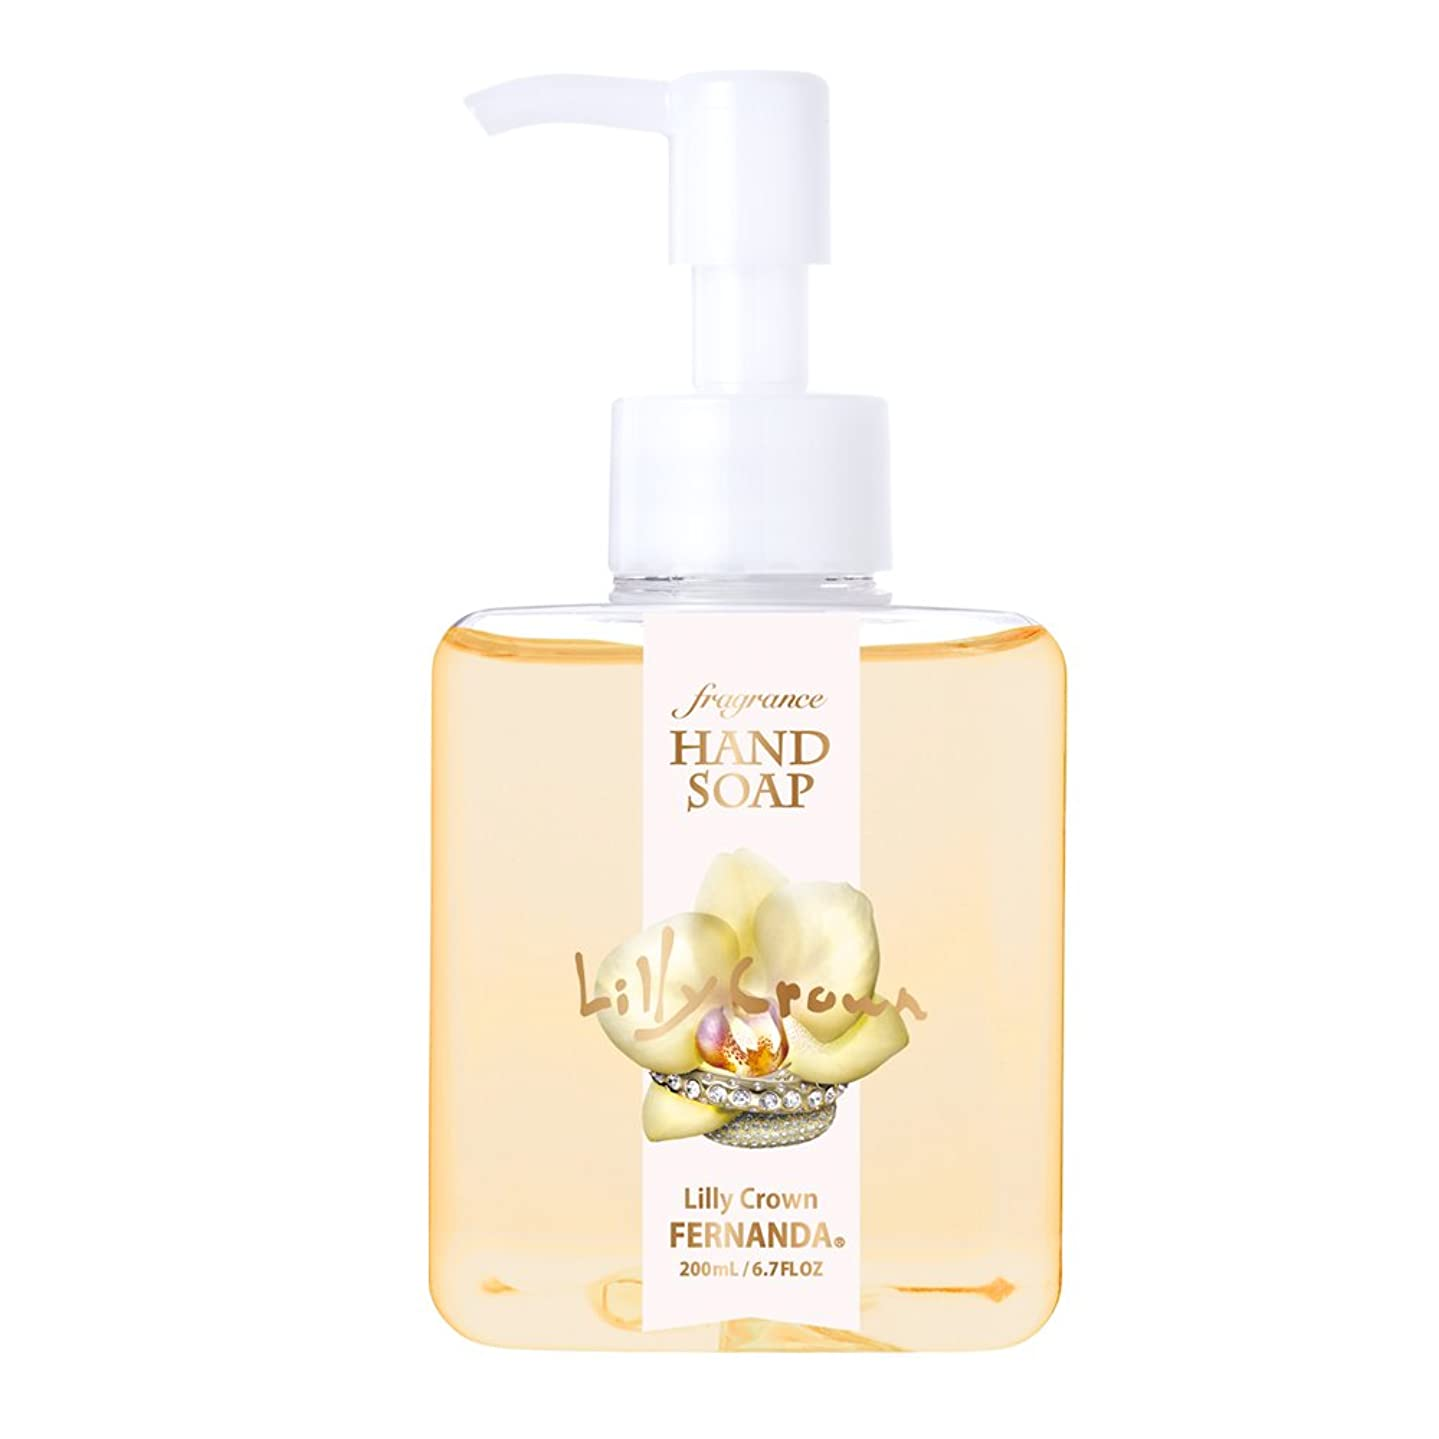 山うぬぼれた抹消FERNANDA(フェルナンダ) Fragrance Hand Soap Lilly Crown (ハンドソープ リリークラウン)